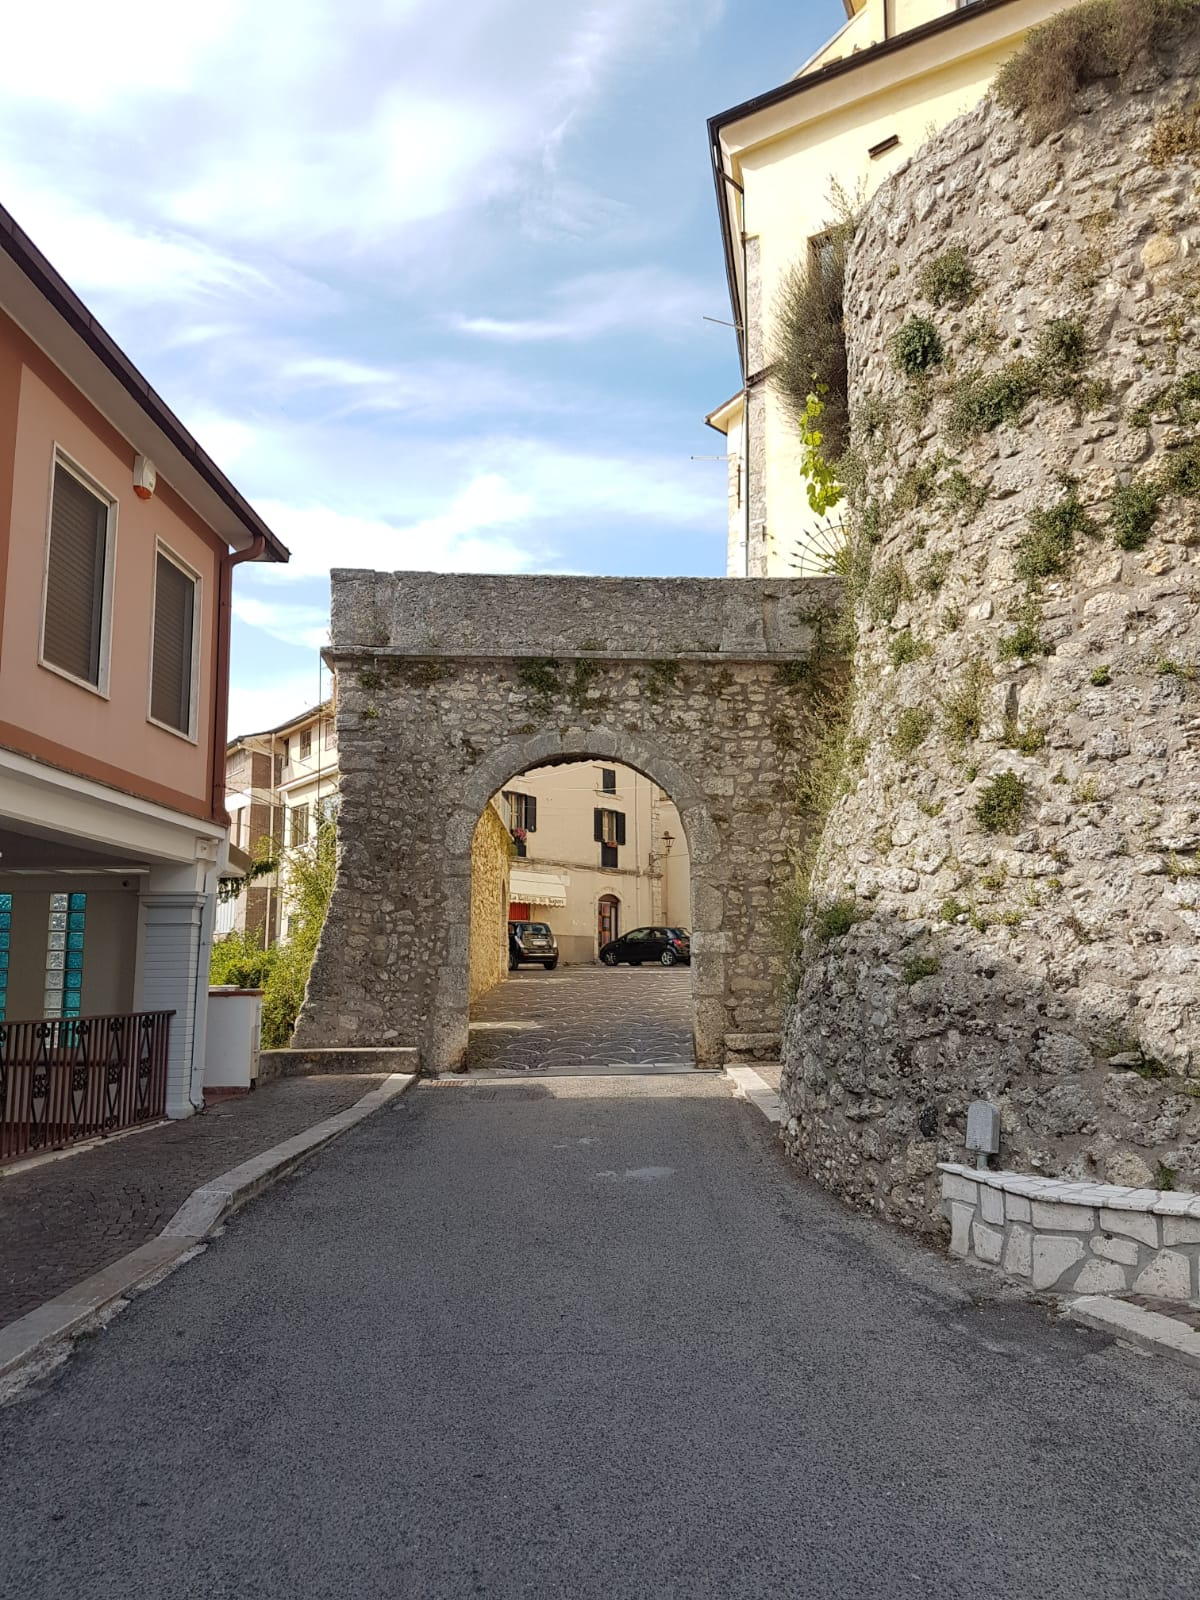 Appartamento in vendita a Santopadre, 3 locali, prezzo € 27.000 | CambioCasa.it